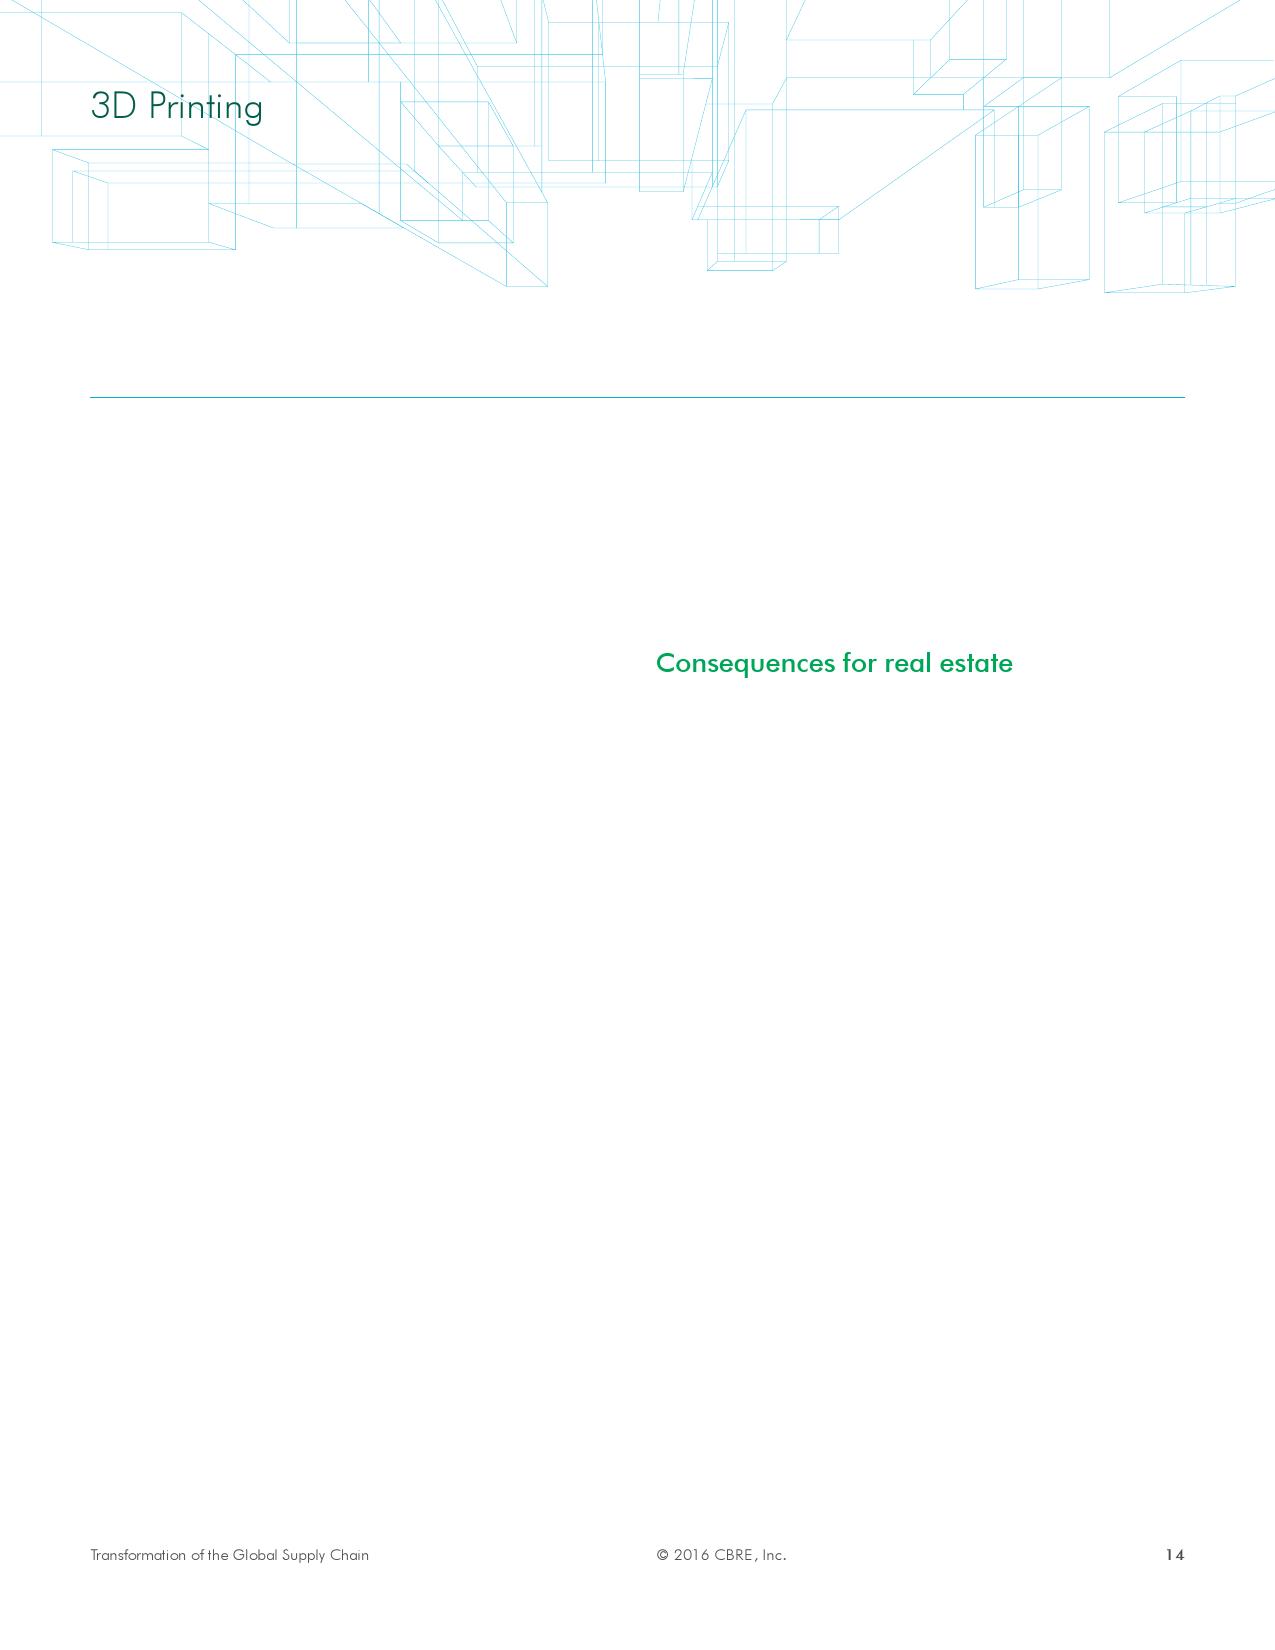 全球供应链升级-自动化技术驱动房地产变革_000014